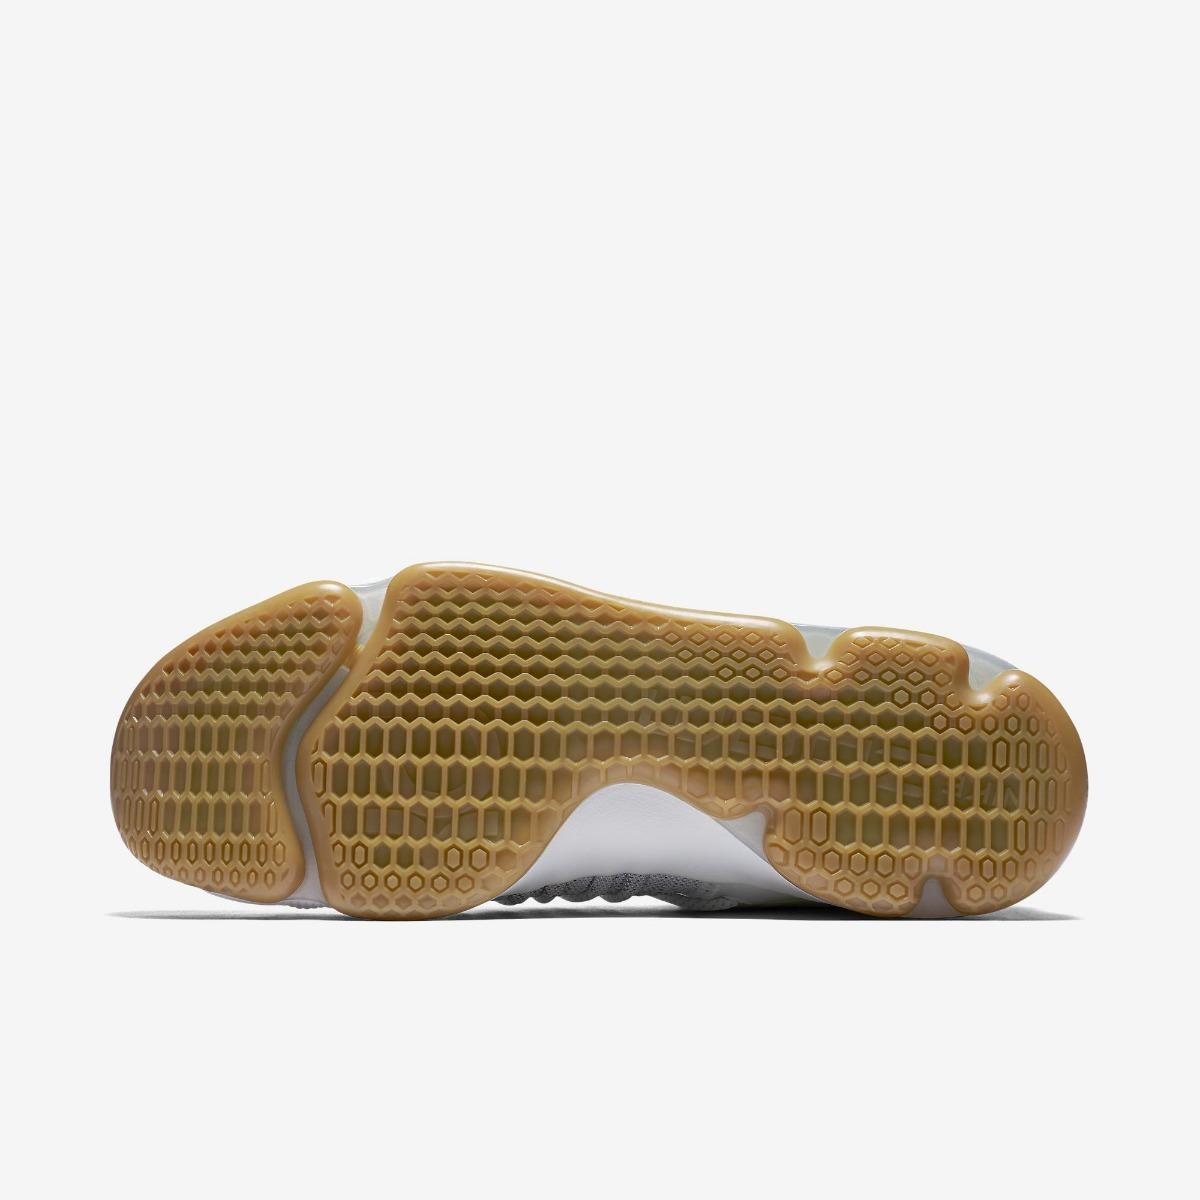 9eb80f4db6 Tênis Nike Kd 9 Elite - Kevin Durant - Nba - Basquete - R  579